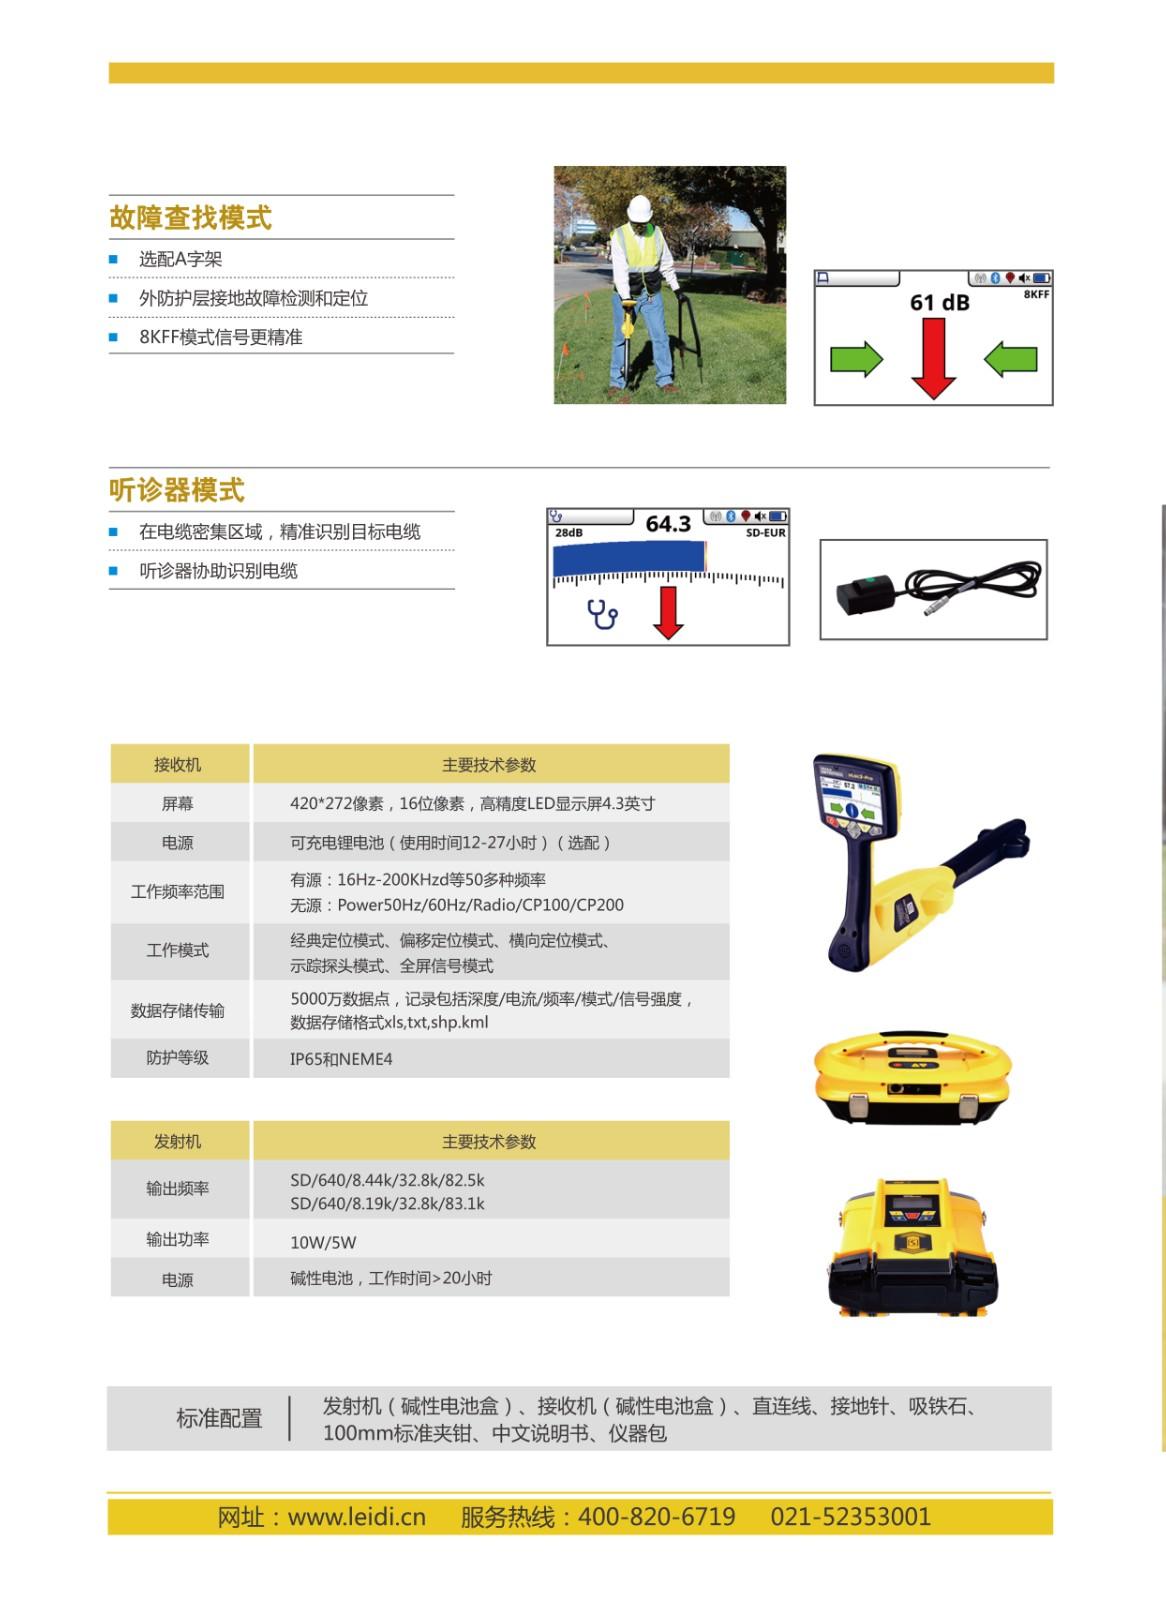 管線探測儀,地下管線探測儀,地下光纜探測儀,自來水管道探測,燃氣管道探測